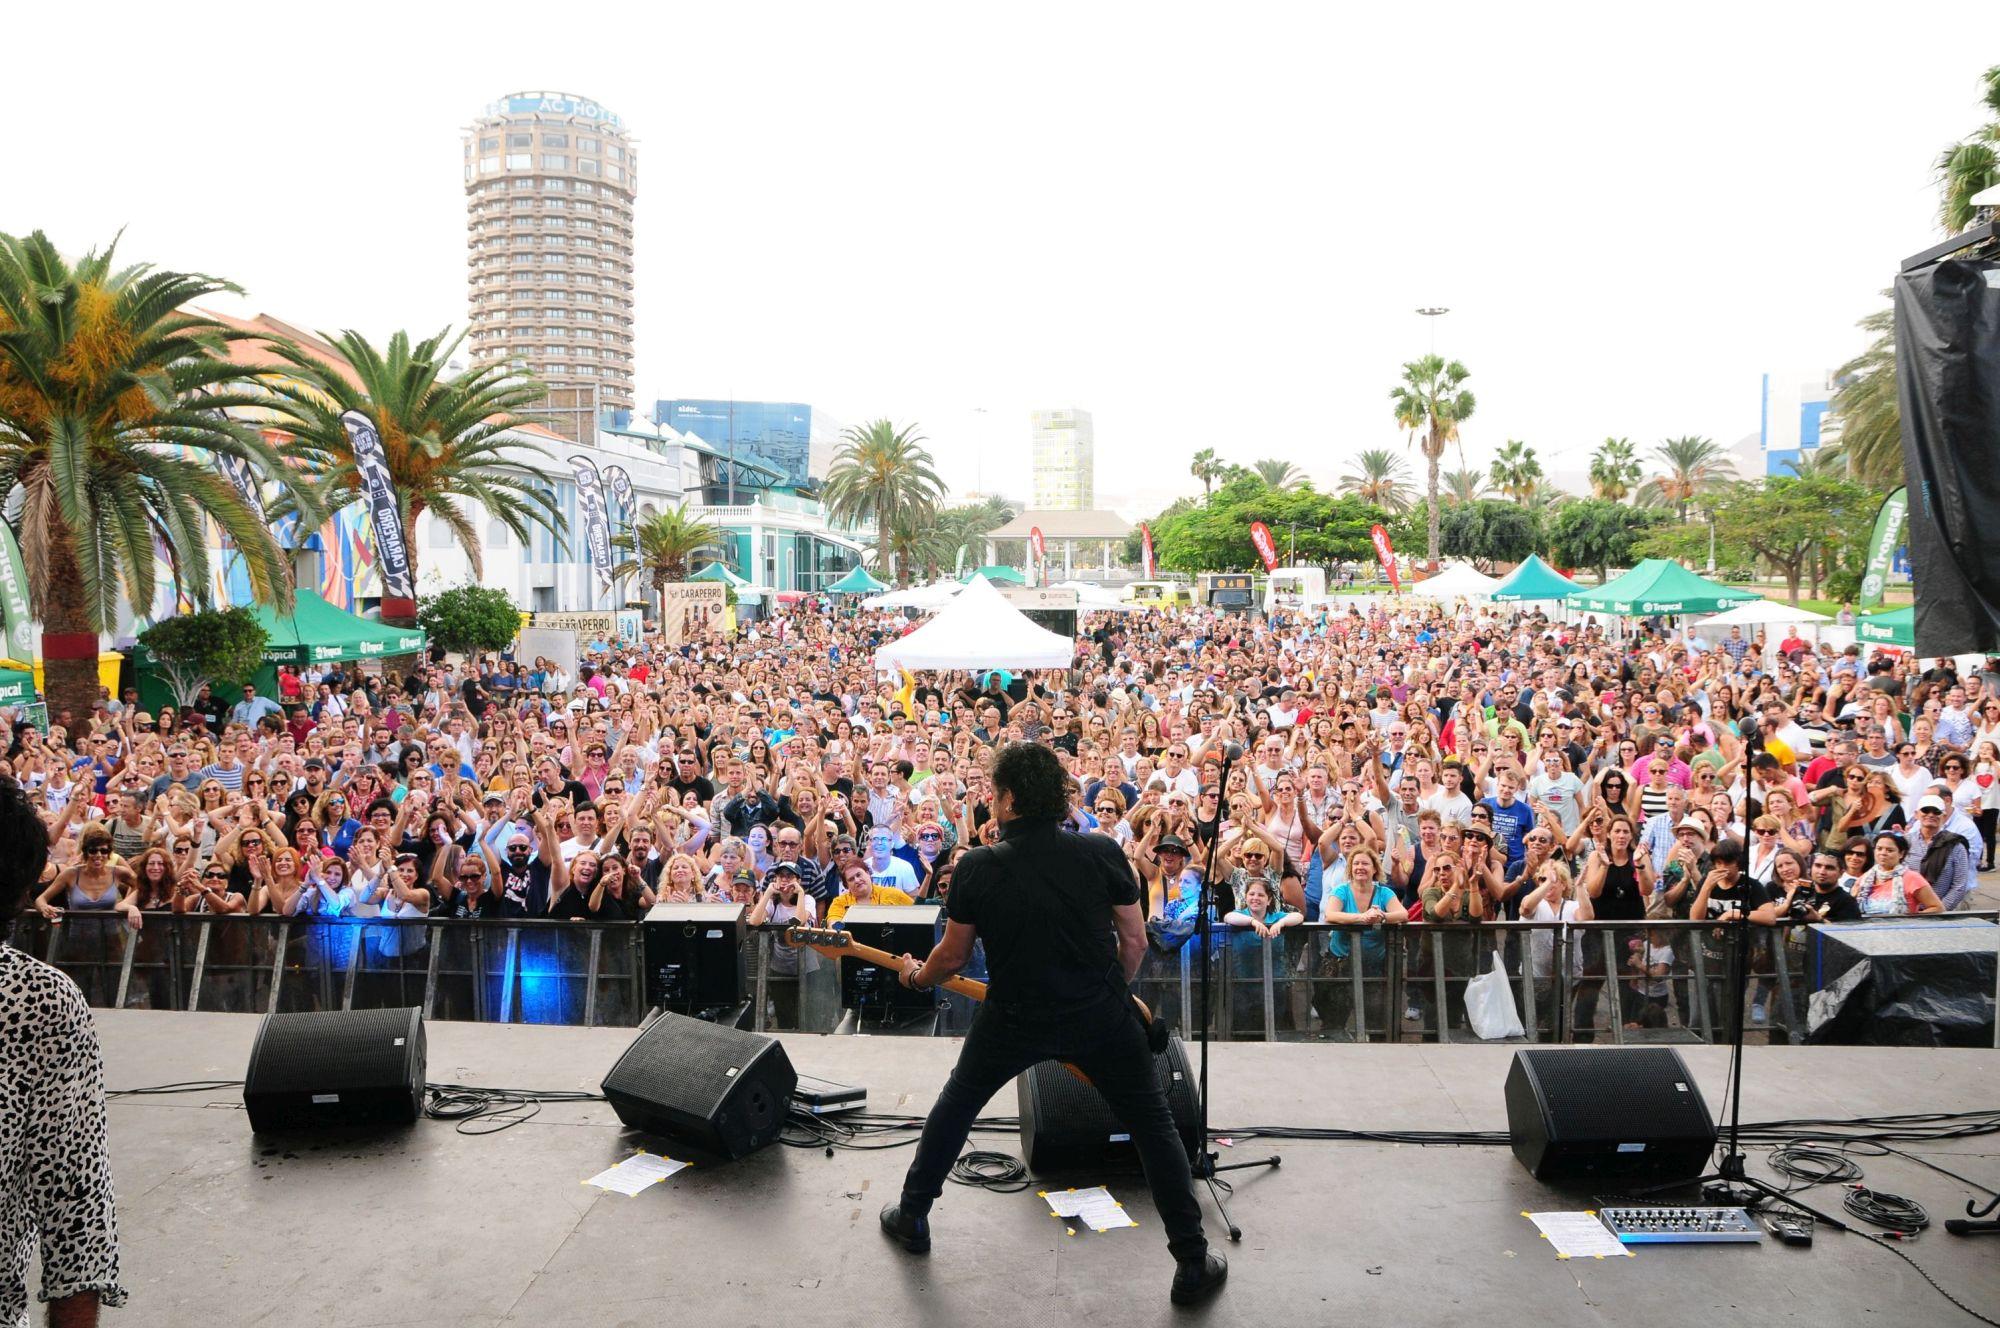 Tres conciertos de bandas tributo al rock dan el pistoletazo de salida del Tropical Fest